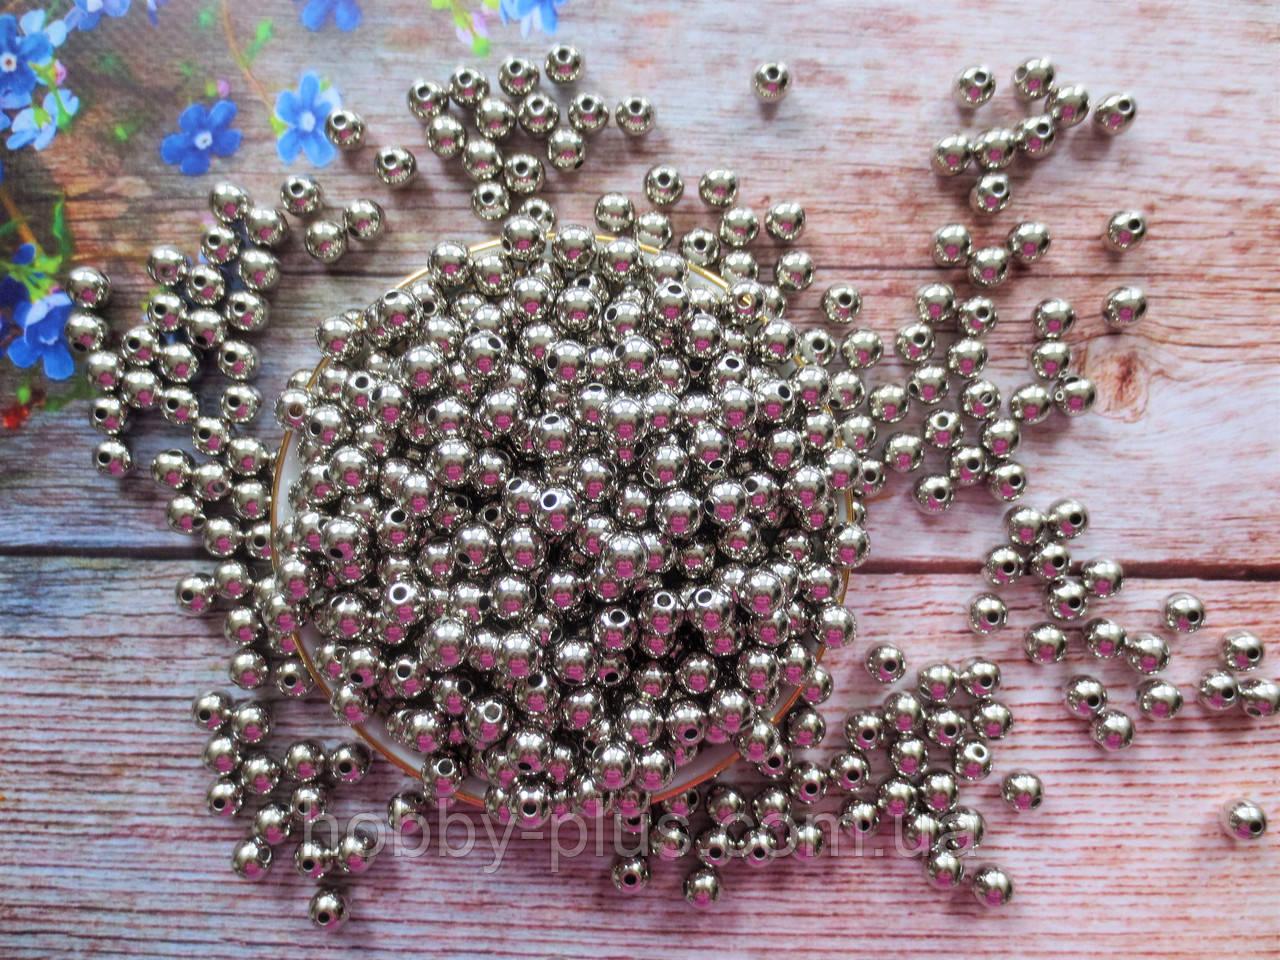 Жемчуг искусственный, 8 мм, цвет серебро, 10 грамм (~40 шт).